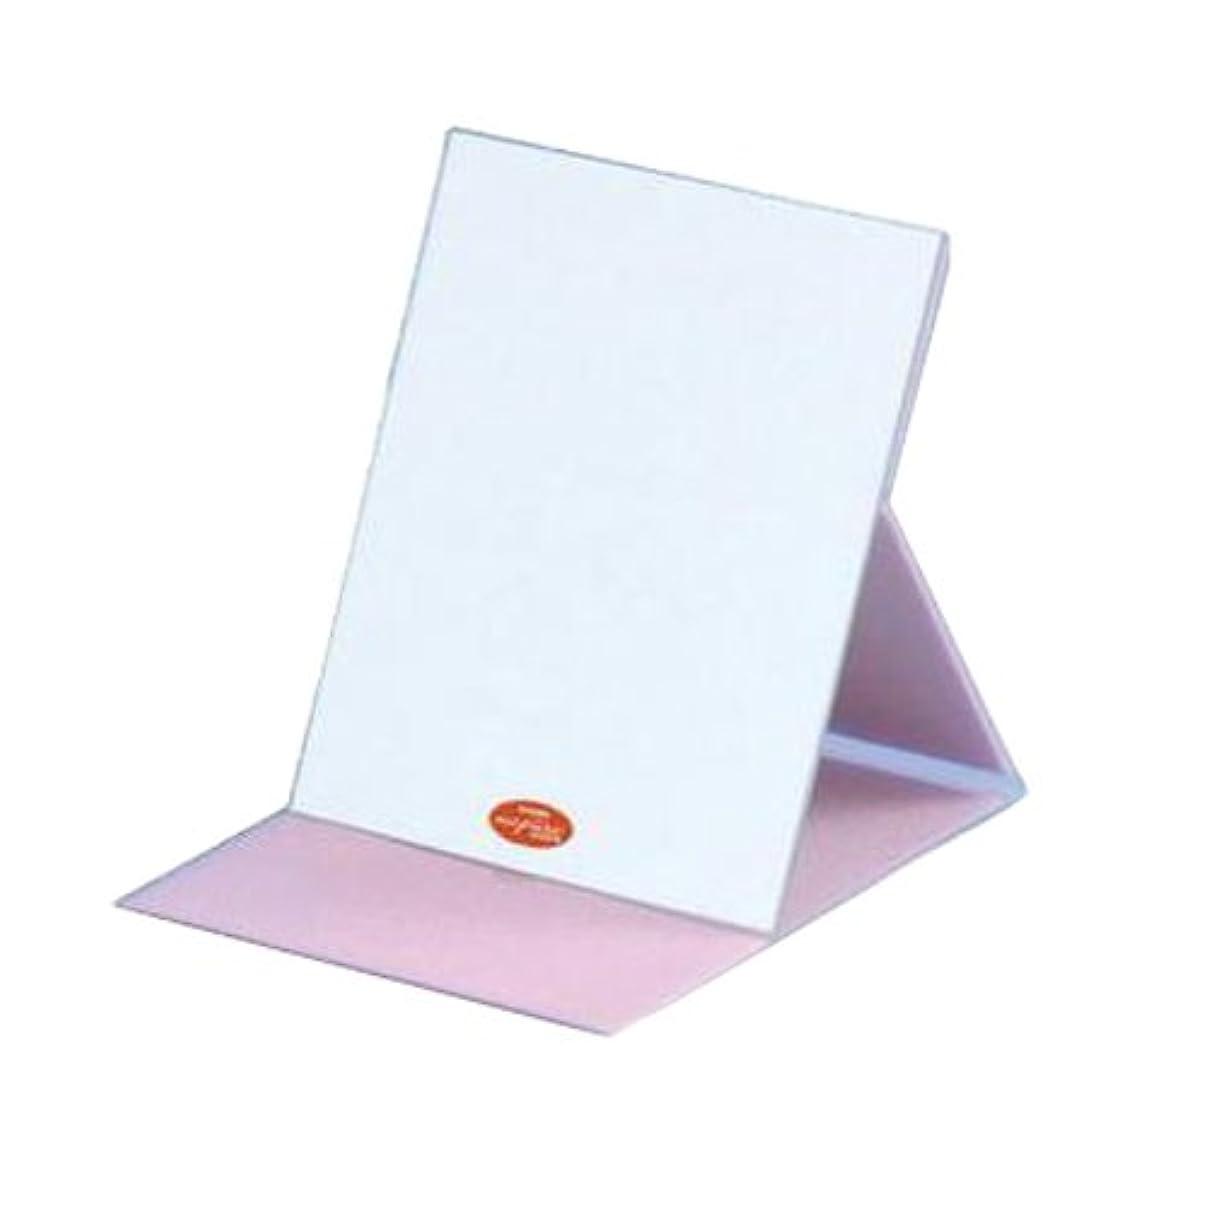 十一影響を受けやすいです脆いHP-41 ナピュアプロモデル カラーバージョン折立ミラーL ピンク